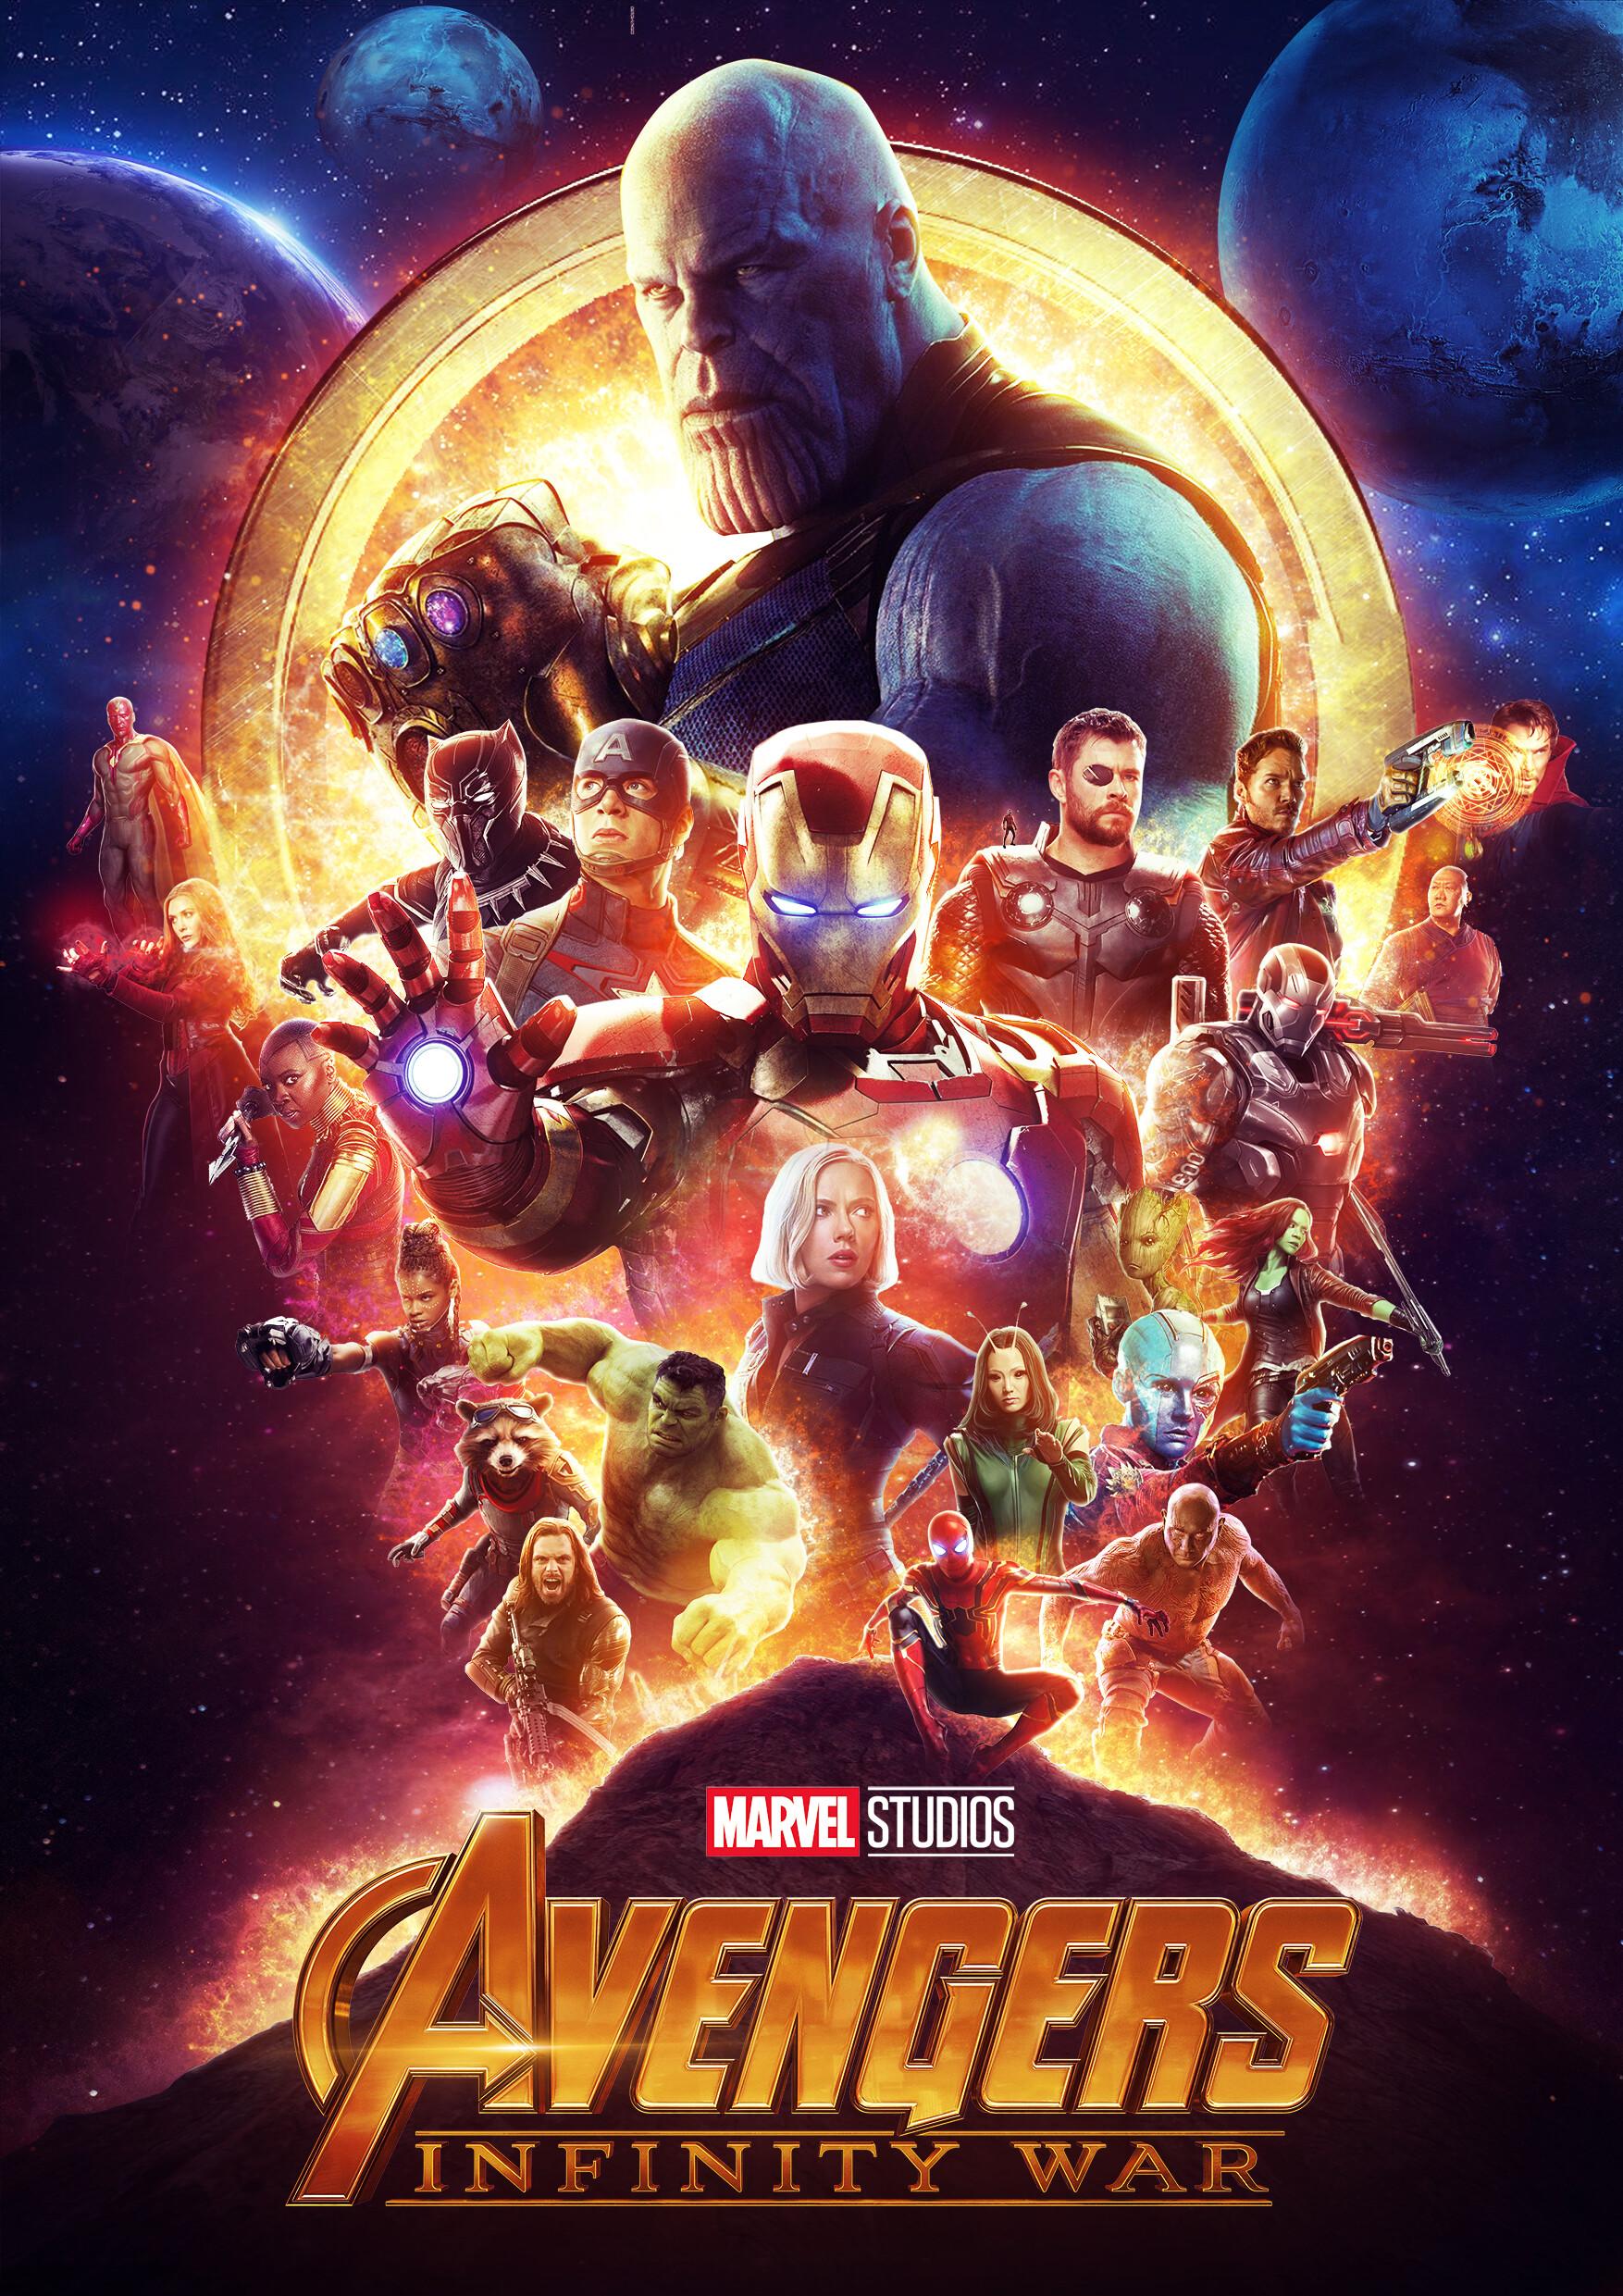 Avengers Infintiy War